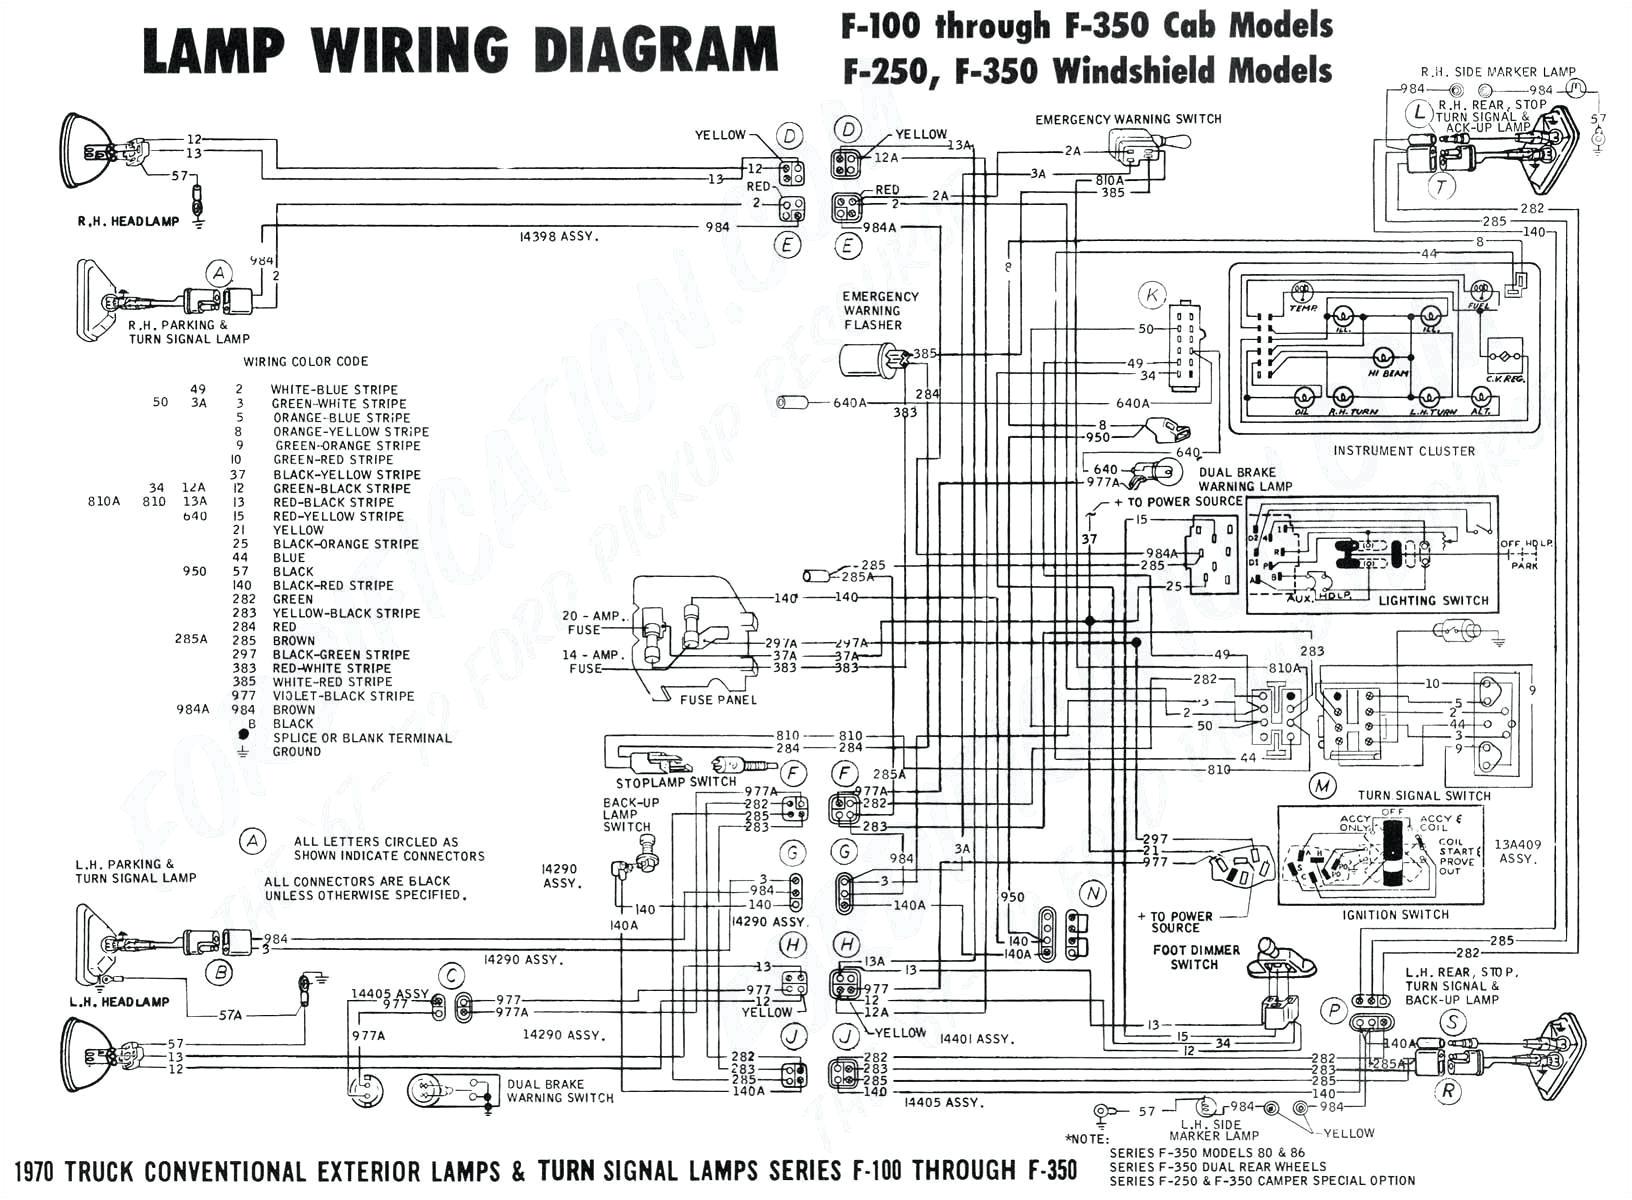 show images 1977 318 engine wiring harness schematics advance show images 1977 318 engine wiring harness schematics